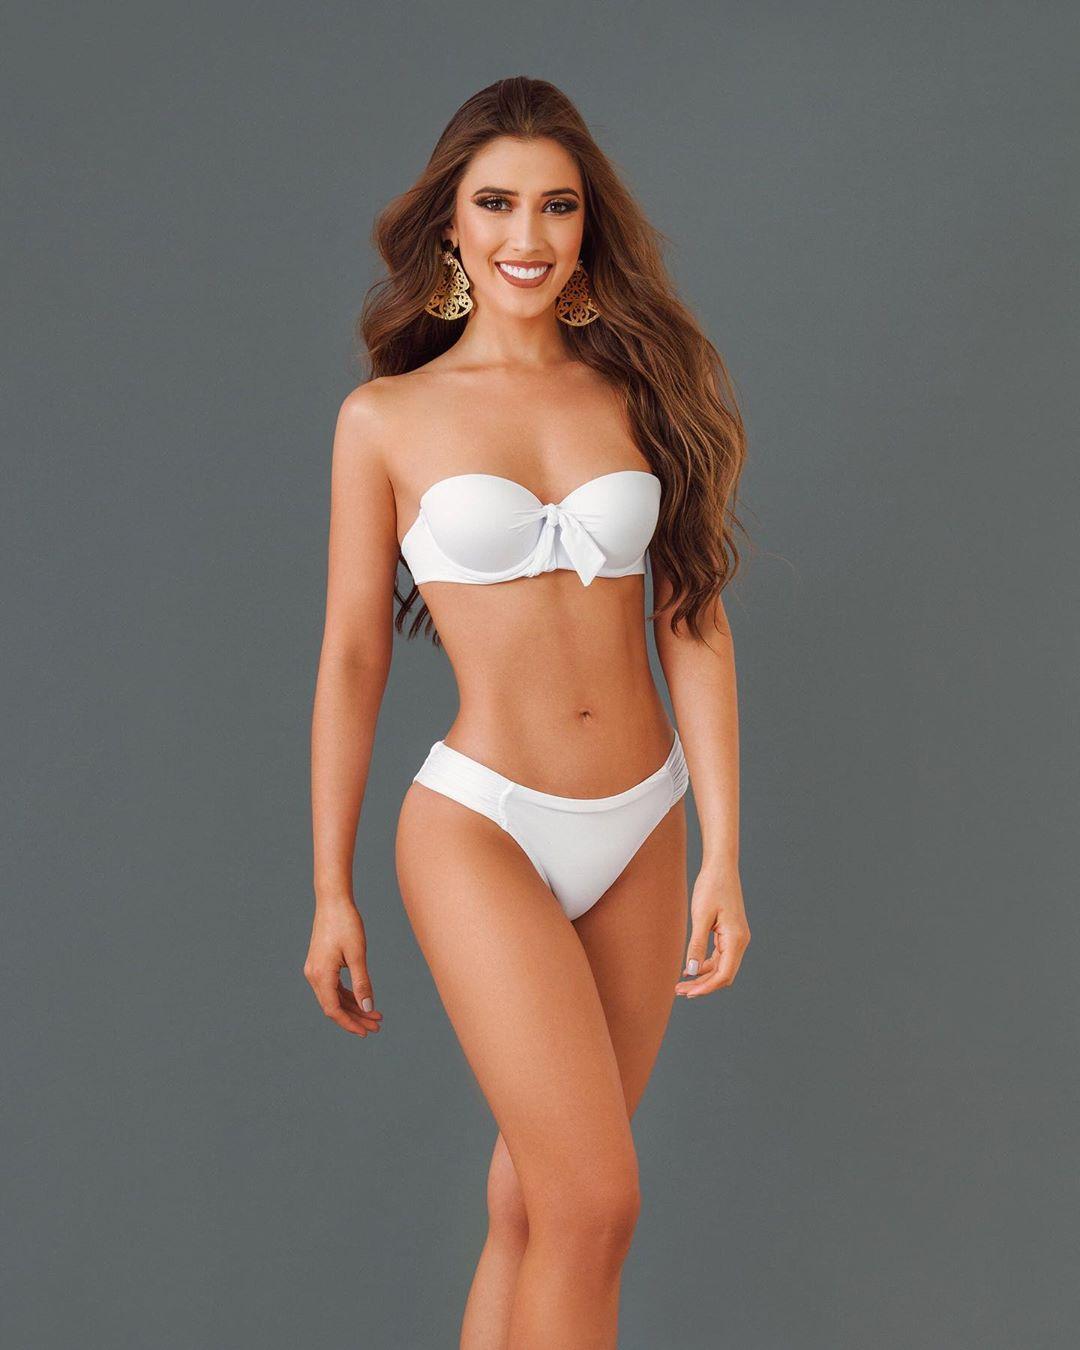 laura claro, primera finalista de reyna hispanoamericana 2019. - Página 3 79981410